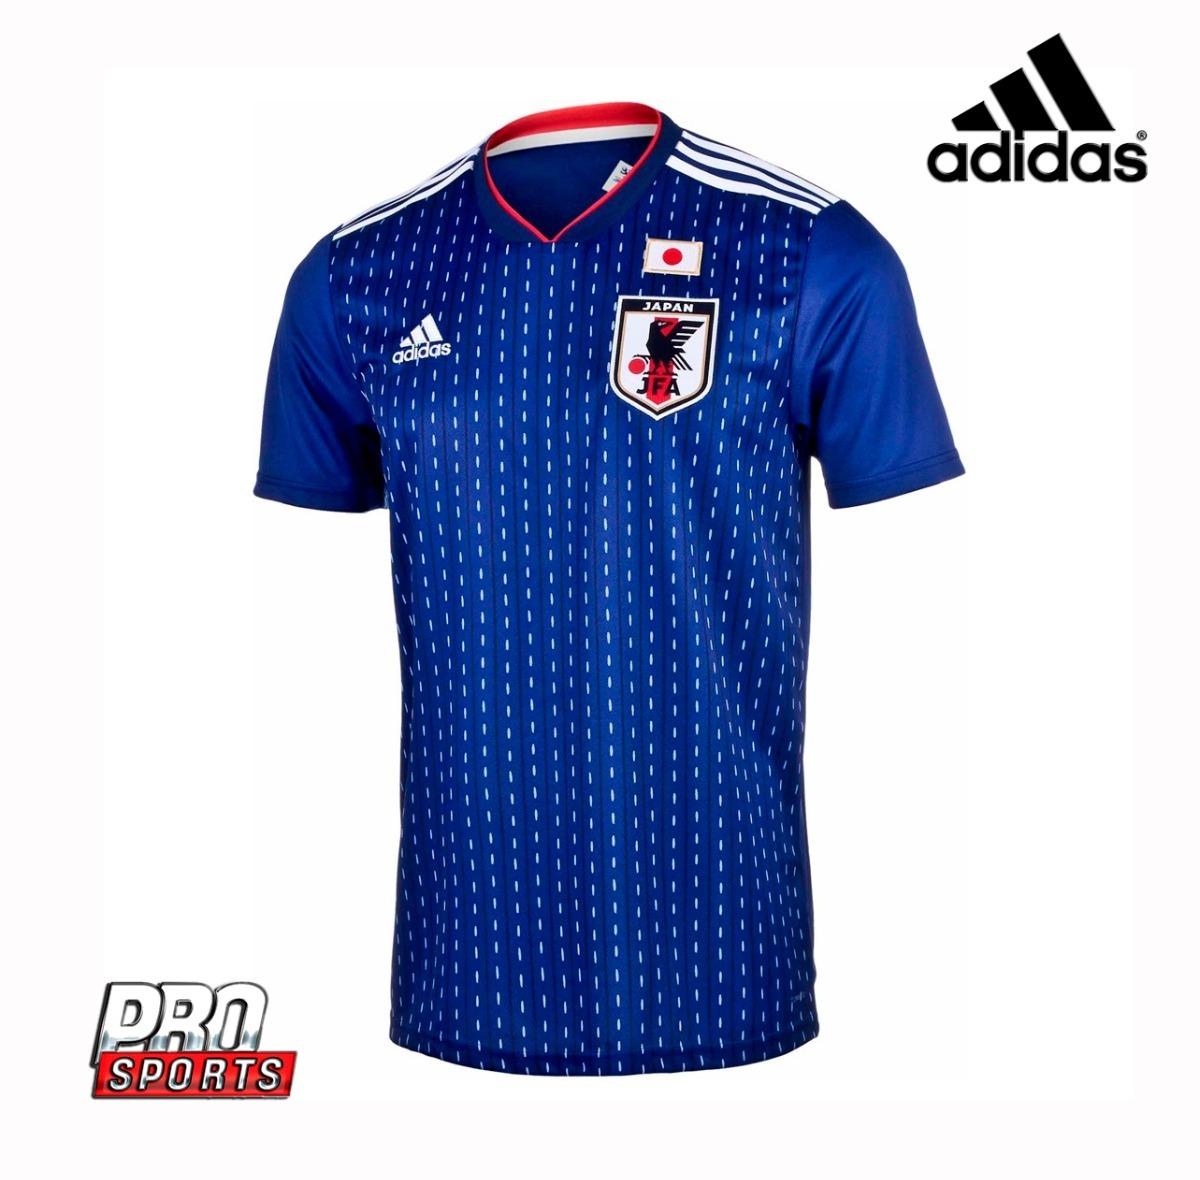 adidas camisa oficial 1 japão azul - original. Carregando zoom. a8ce9840cecaa